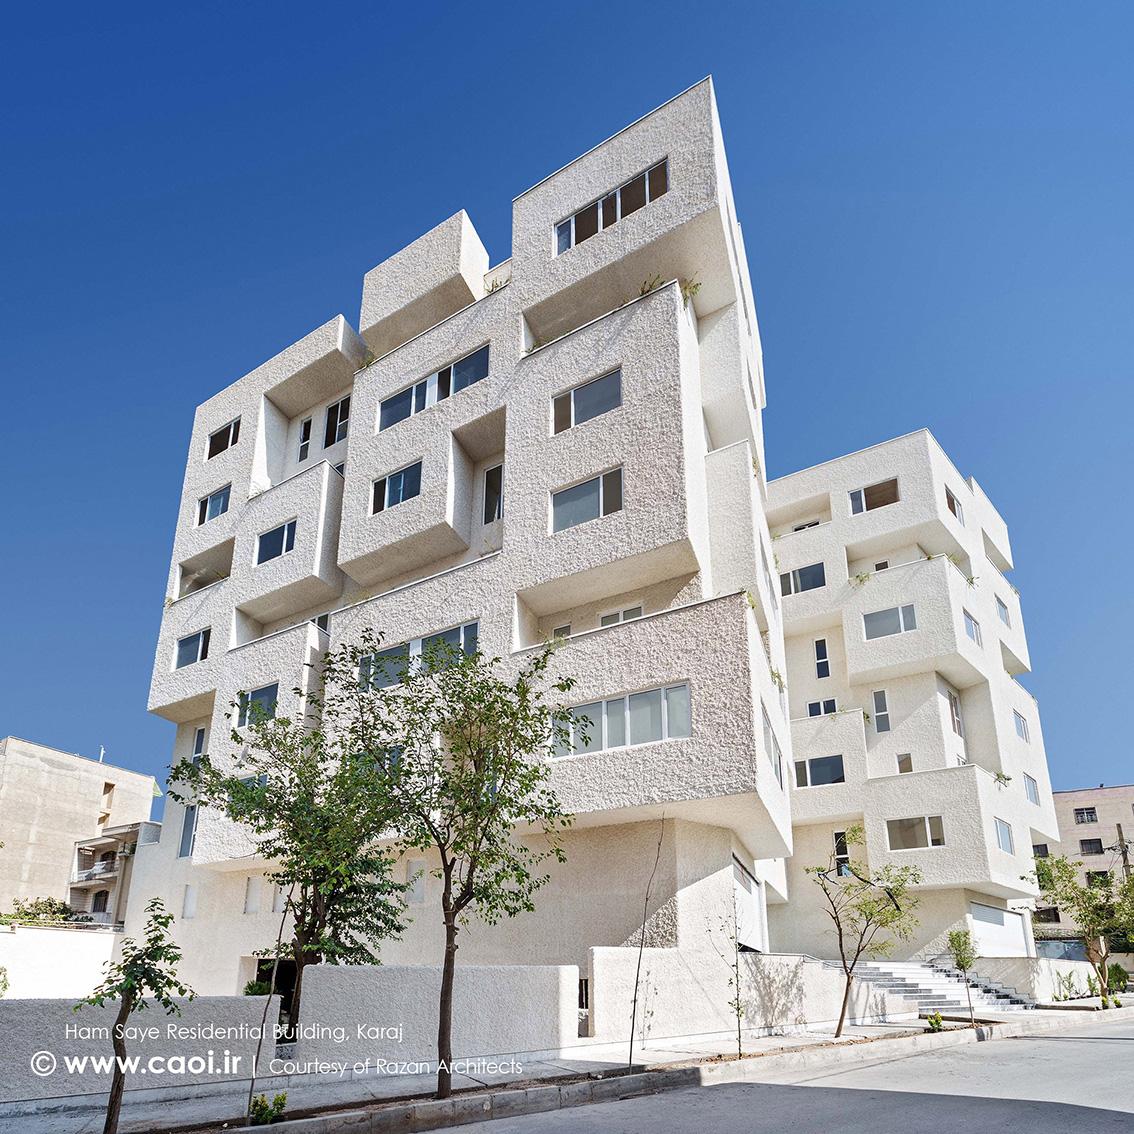 پارساکد,parsacad,parsacad.ir,parsacad.com,معماری,نقشه ساختمان مسکونی,نمونه موردی مجتمع مسکونی,نقشه مجتمع مسکونی,پلان مجتمع مسکونی,نقشه های مجتمع مسکونی,مطالعات تطبیقی مجتمع مسکونی